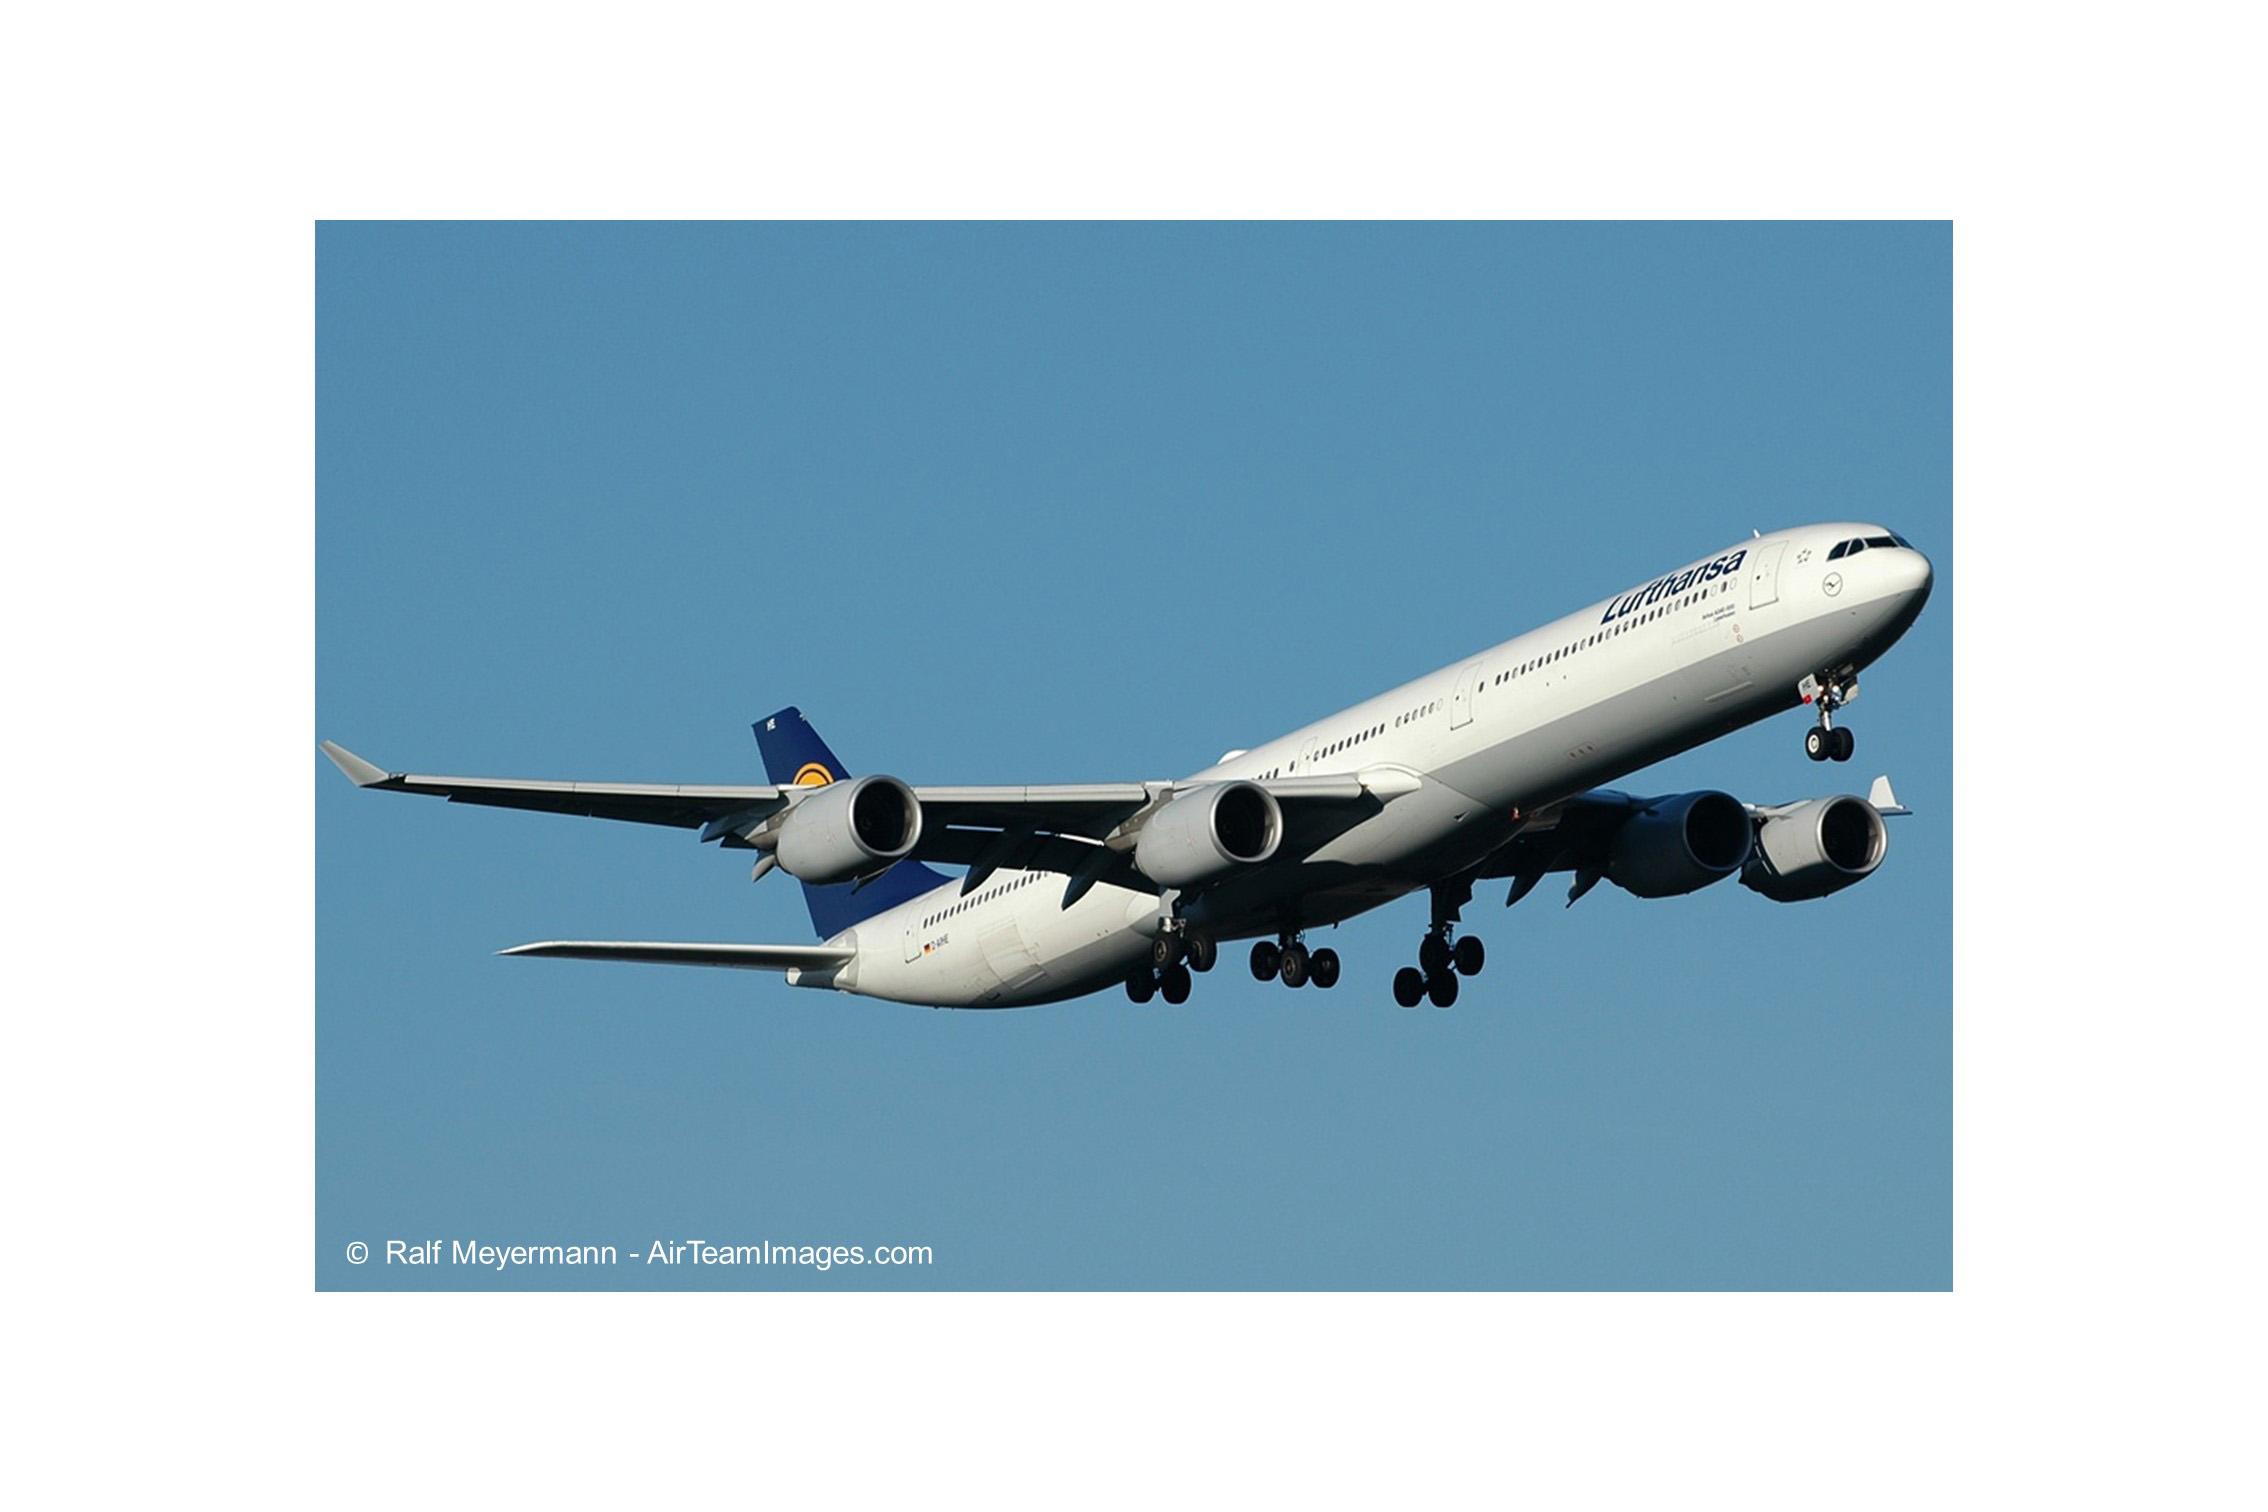 Das IAGOS-CARIBIC Flugzeug